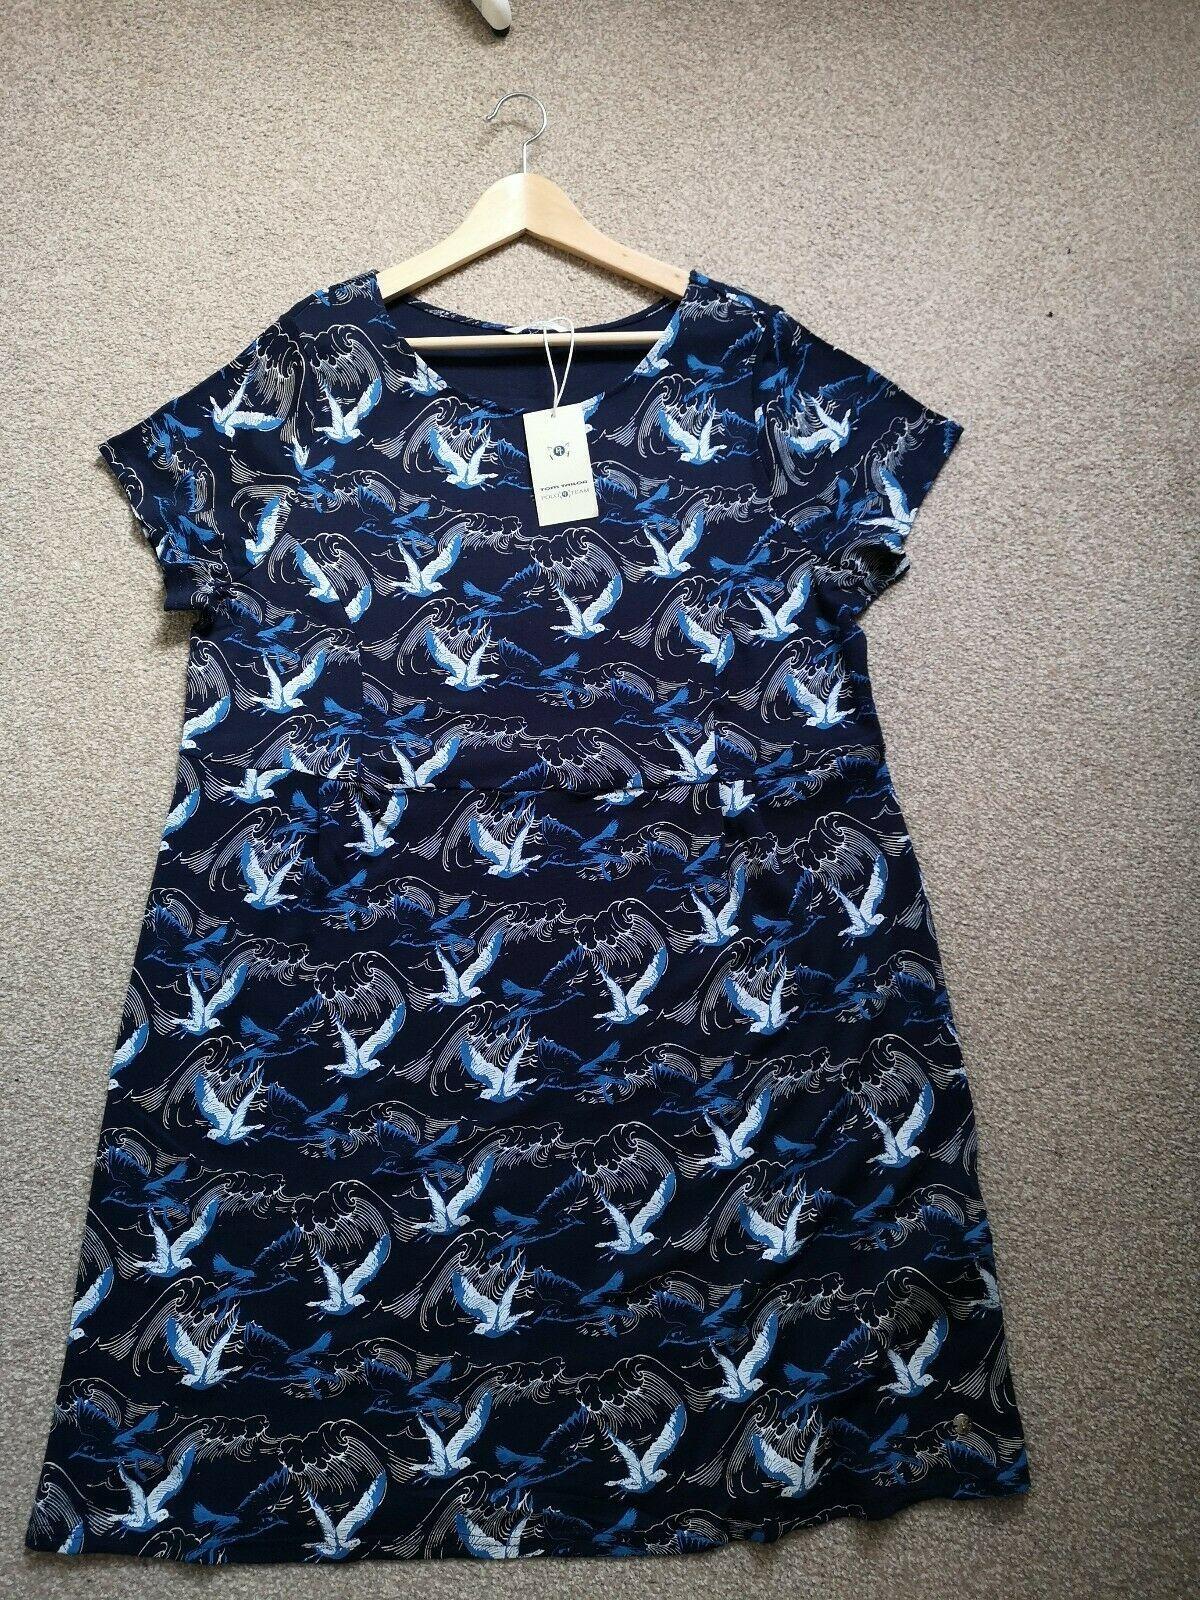 Sehr schönes Kleid von Tom Tailor in der Größe 5 Neu - Schöne